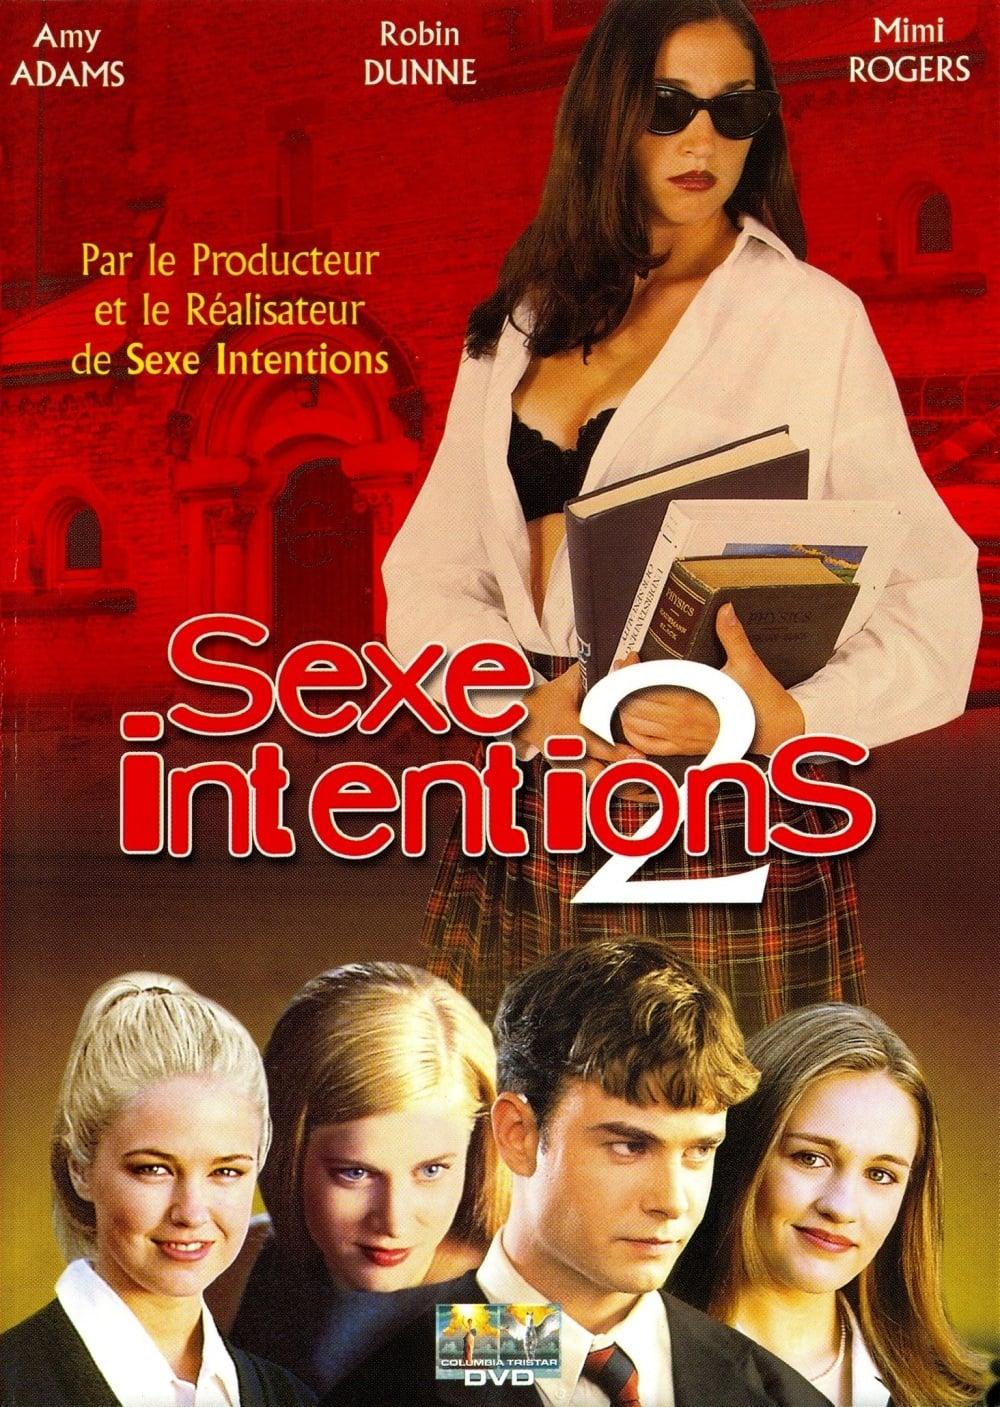 affiche du film Sexe Intentions 2